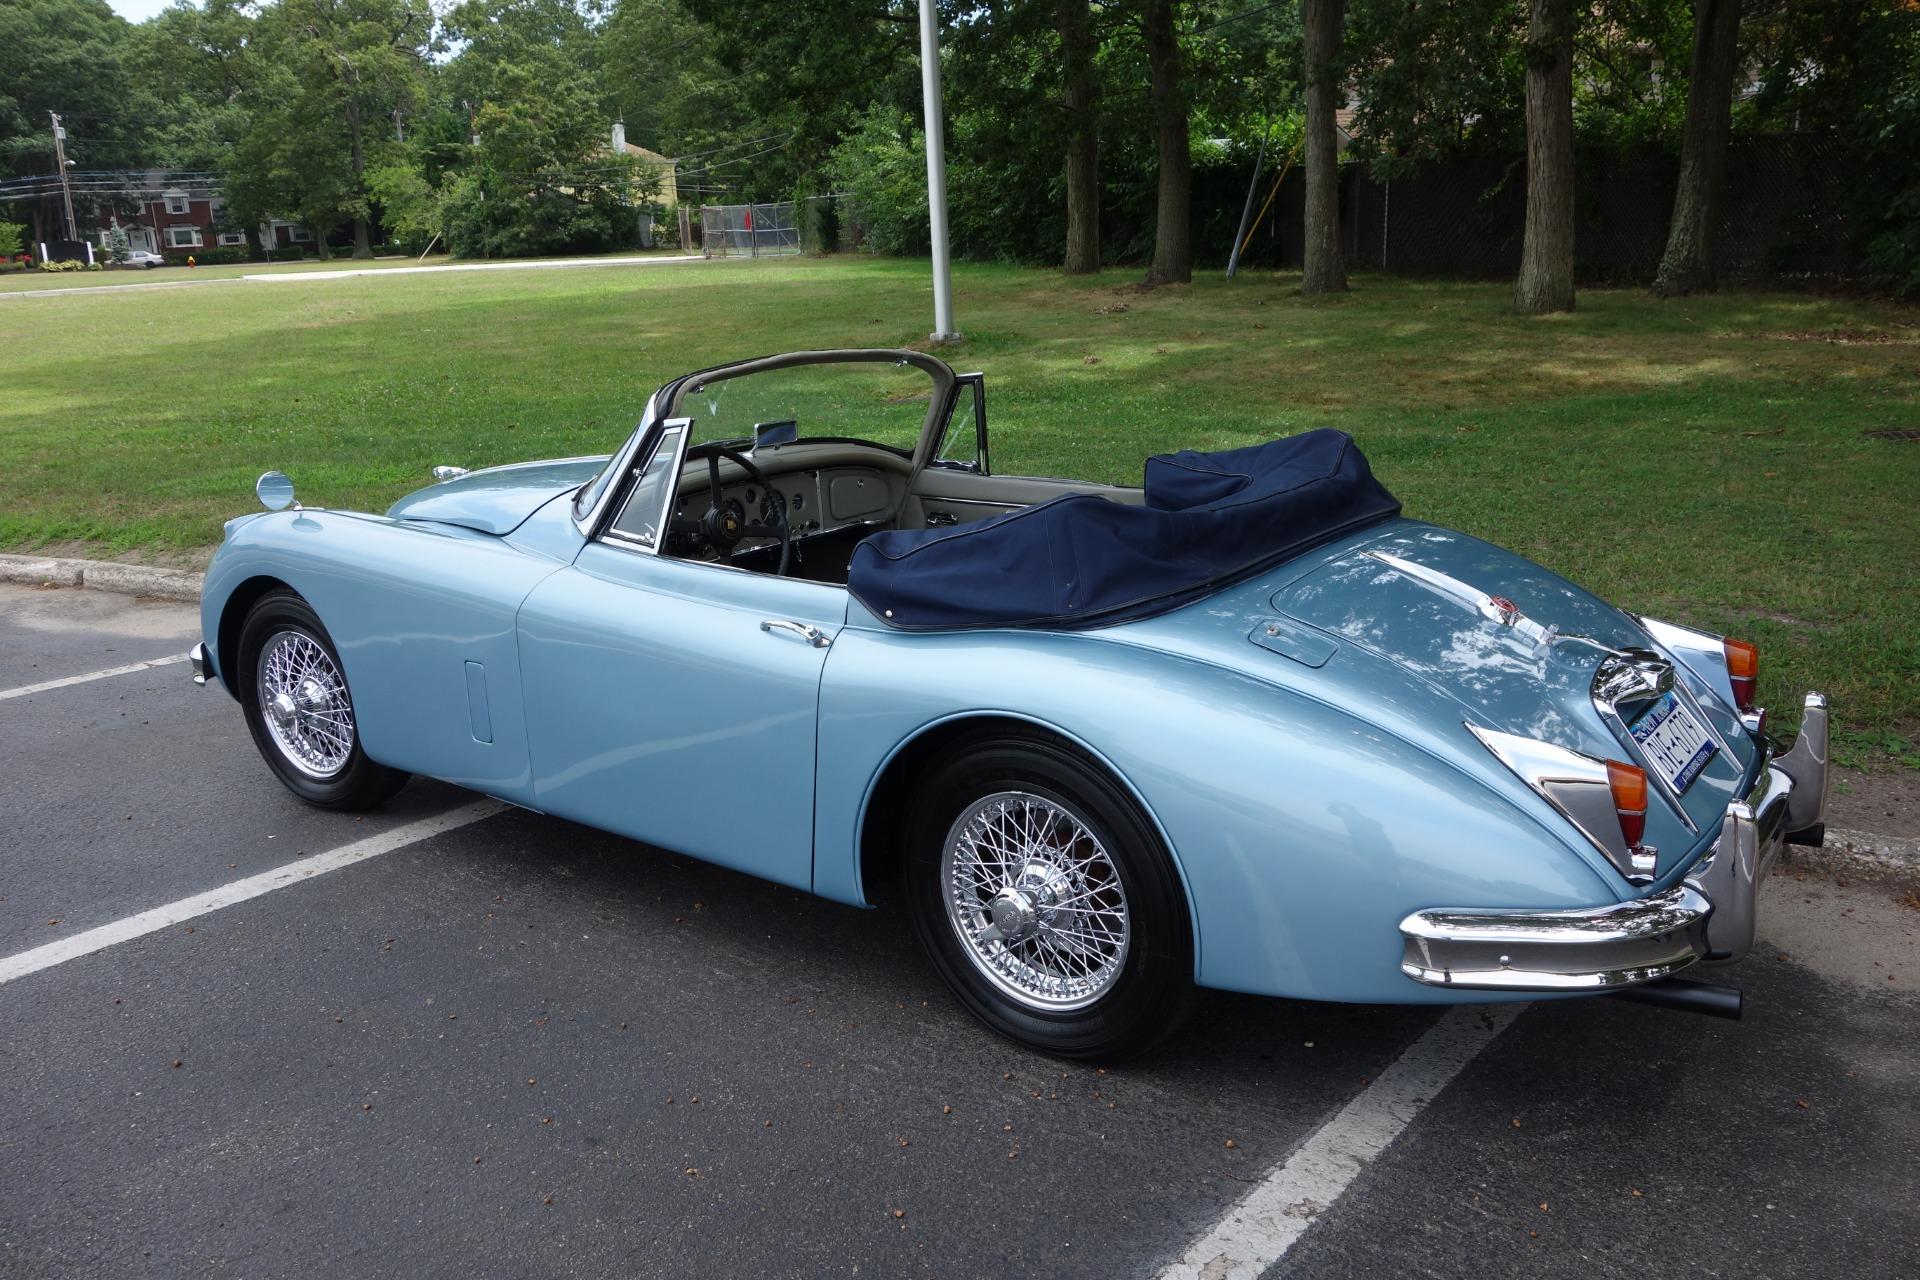 1961 jaguar xk 150 stock 2083 124431 for sale near new york ny ny jaguar dealer. Black Bedroom Furniture Sets. Home Design Ideas